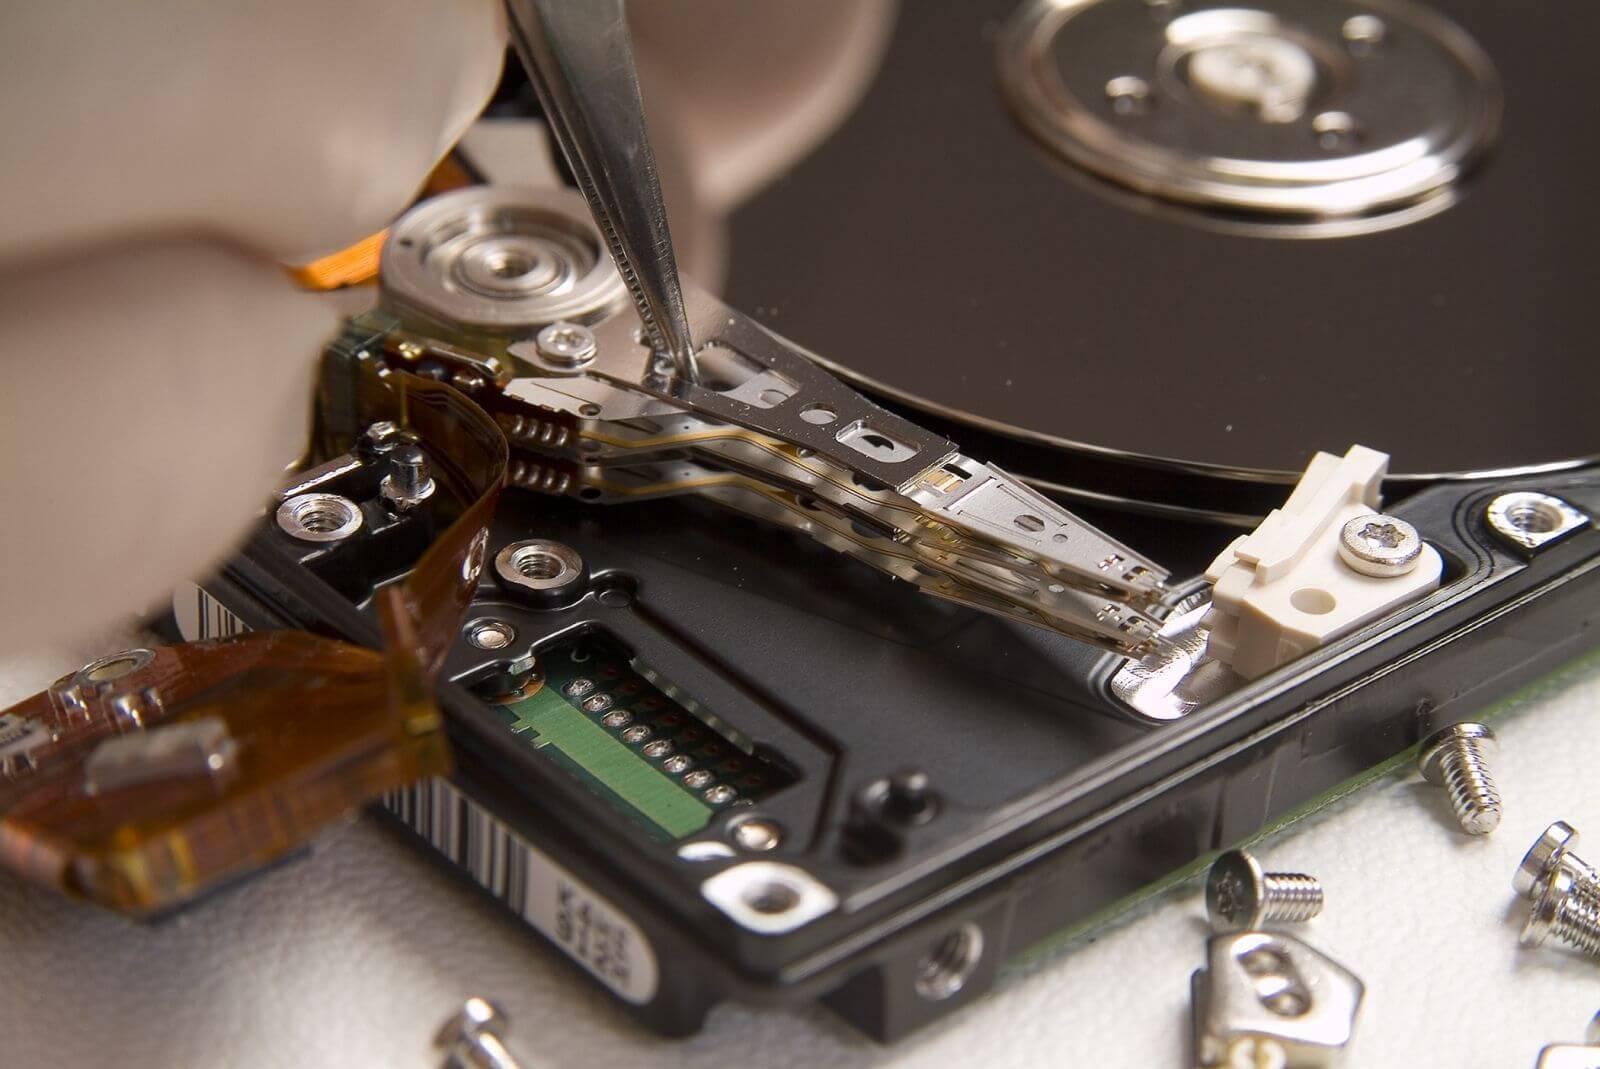 Ремонт внешнего жесткого диска